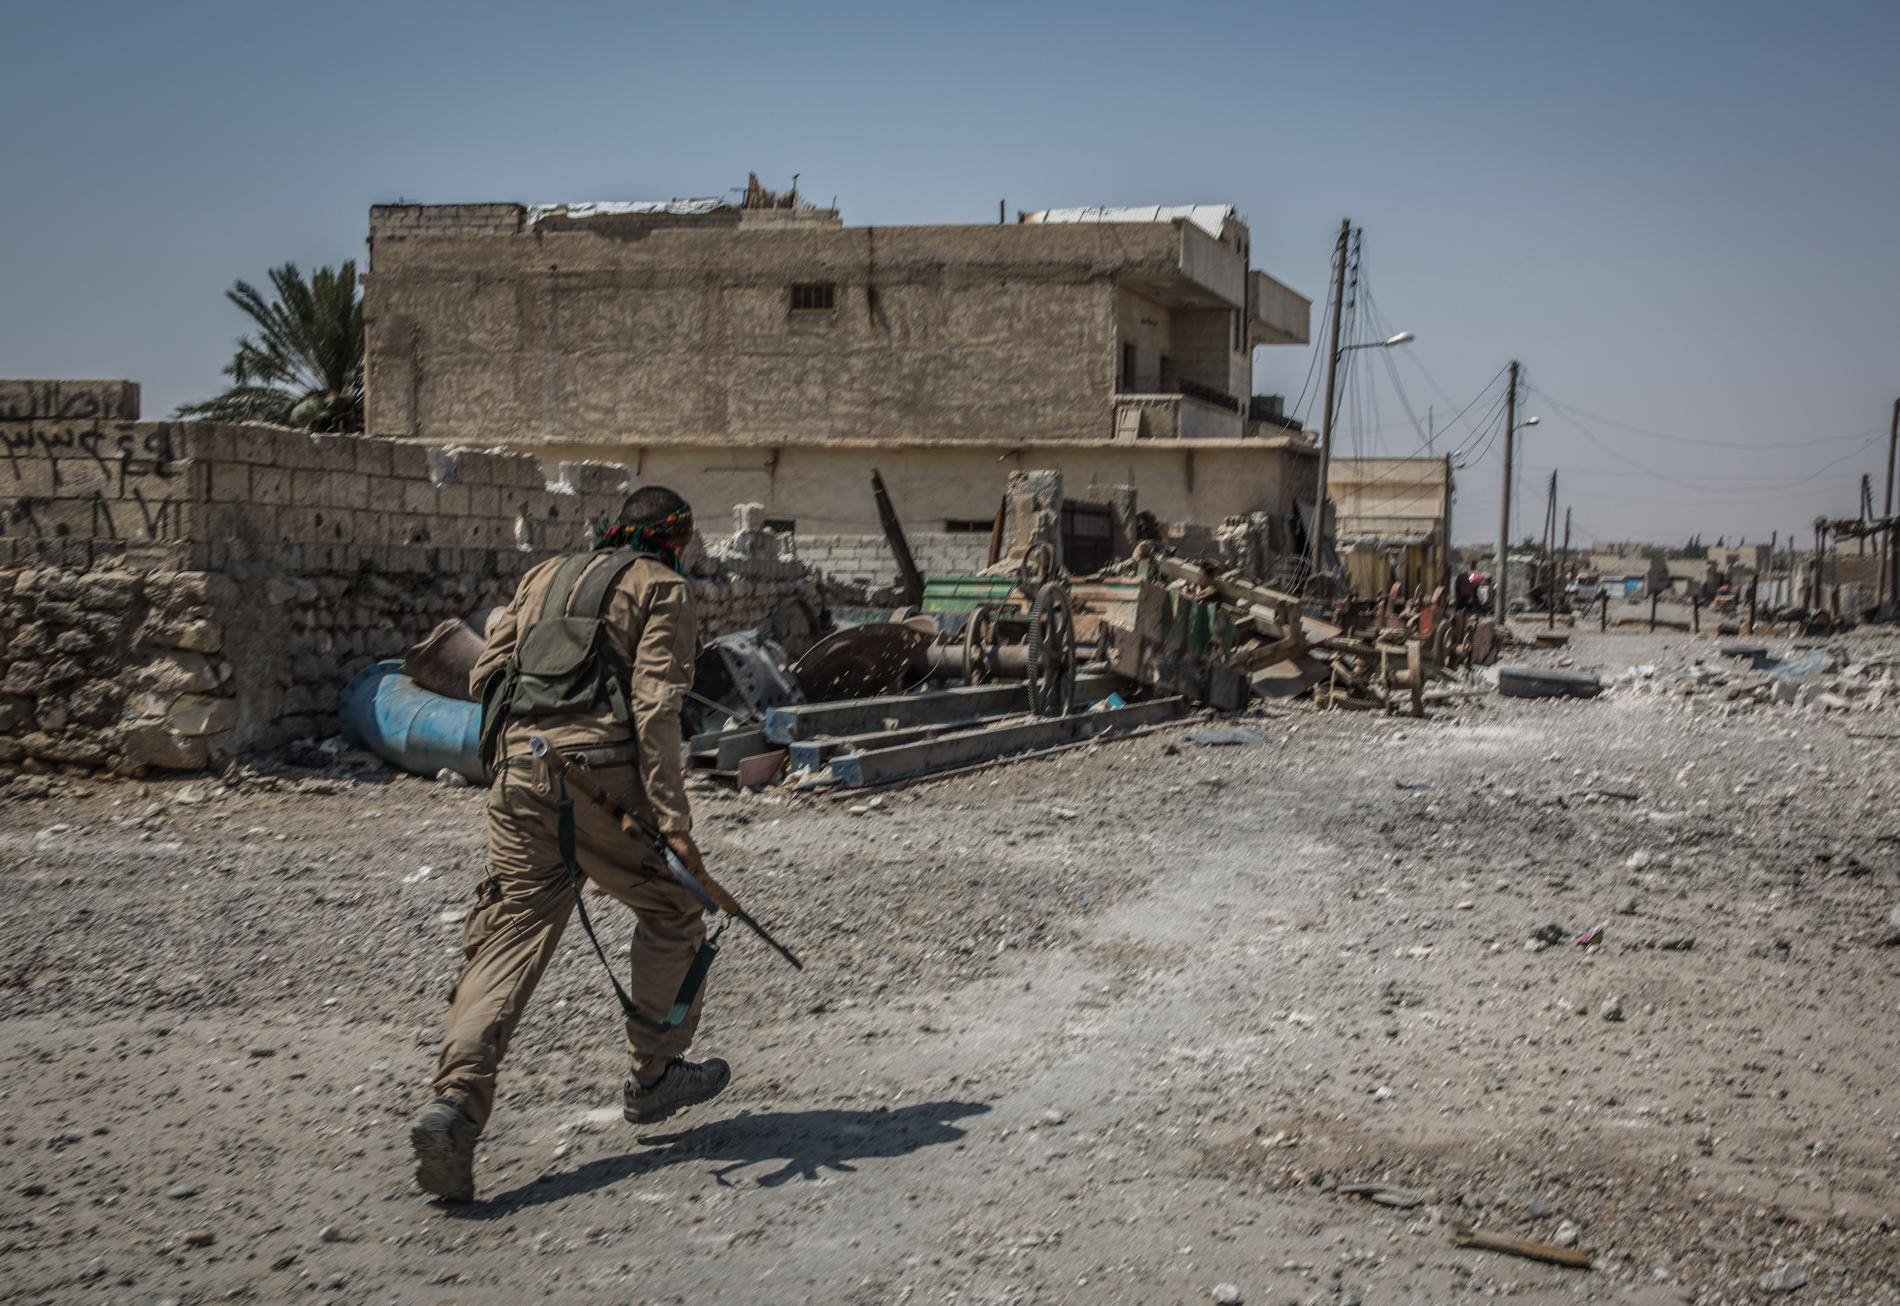 Un soldat des Forces démocratiques syriennes court dans une rue du quartier d'Al-Sinaa, à Raqqa (Syrie) pour tenter d'échapper à d'éventuels tirs de snipers.